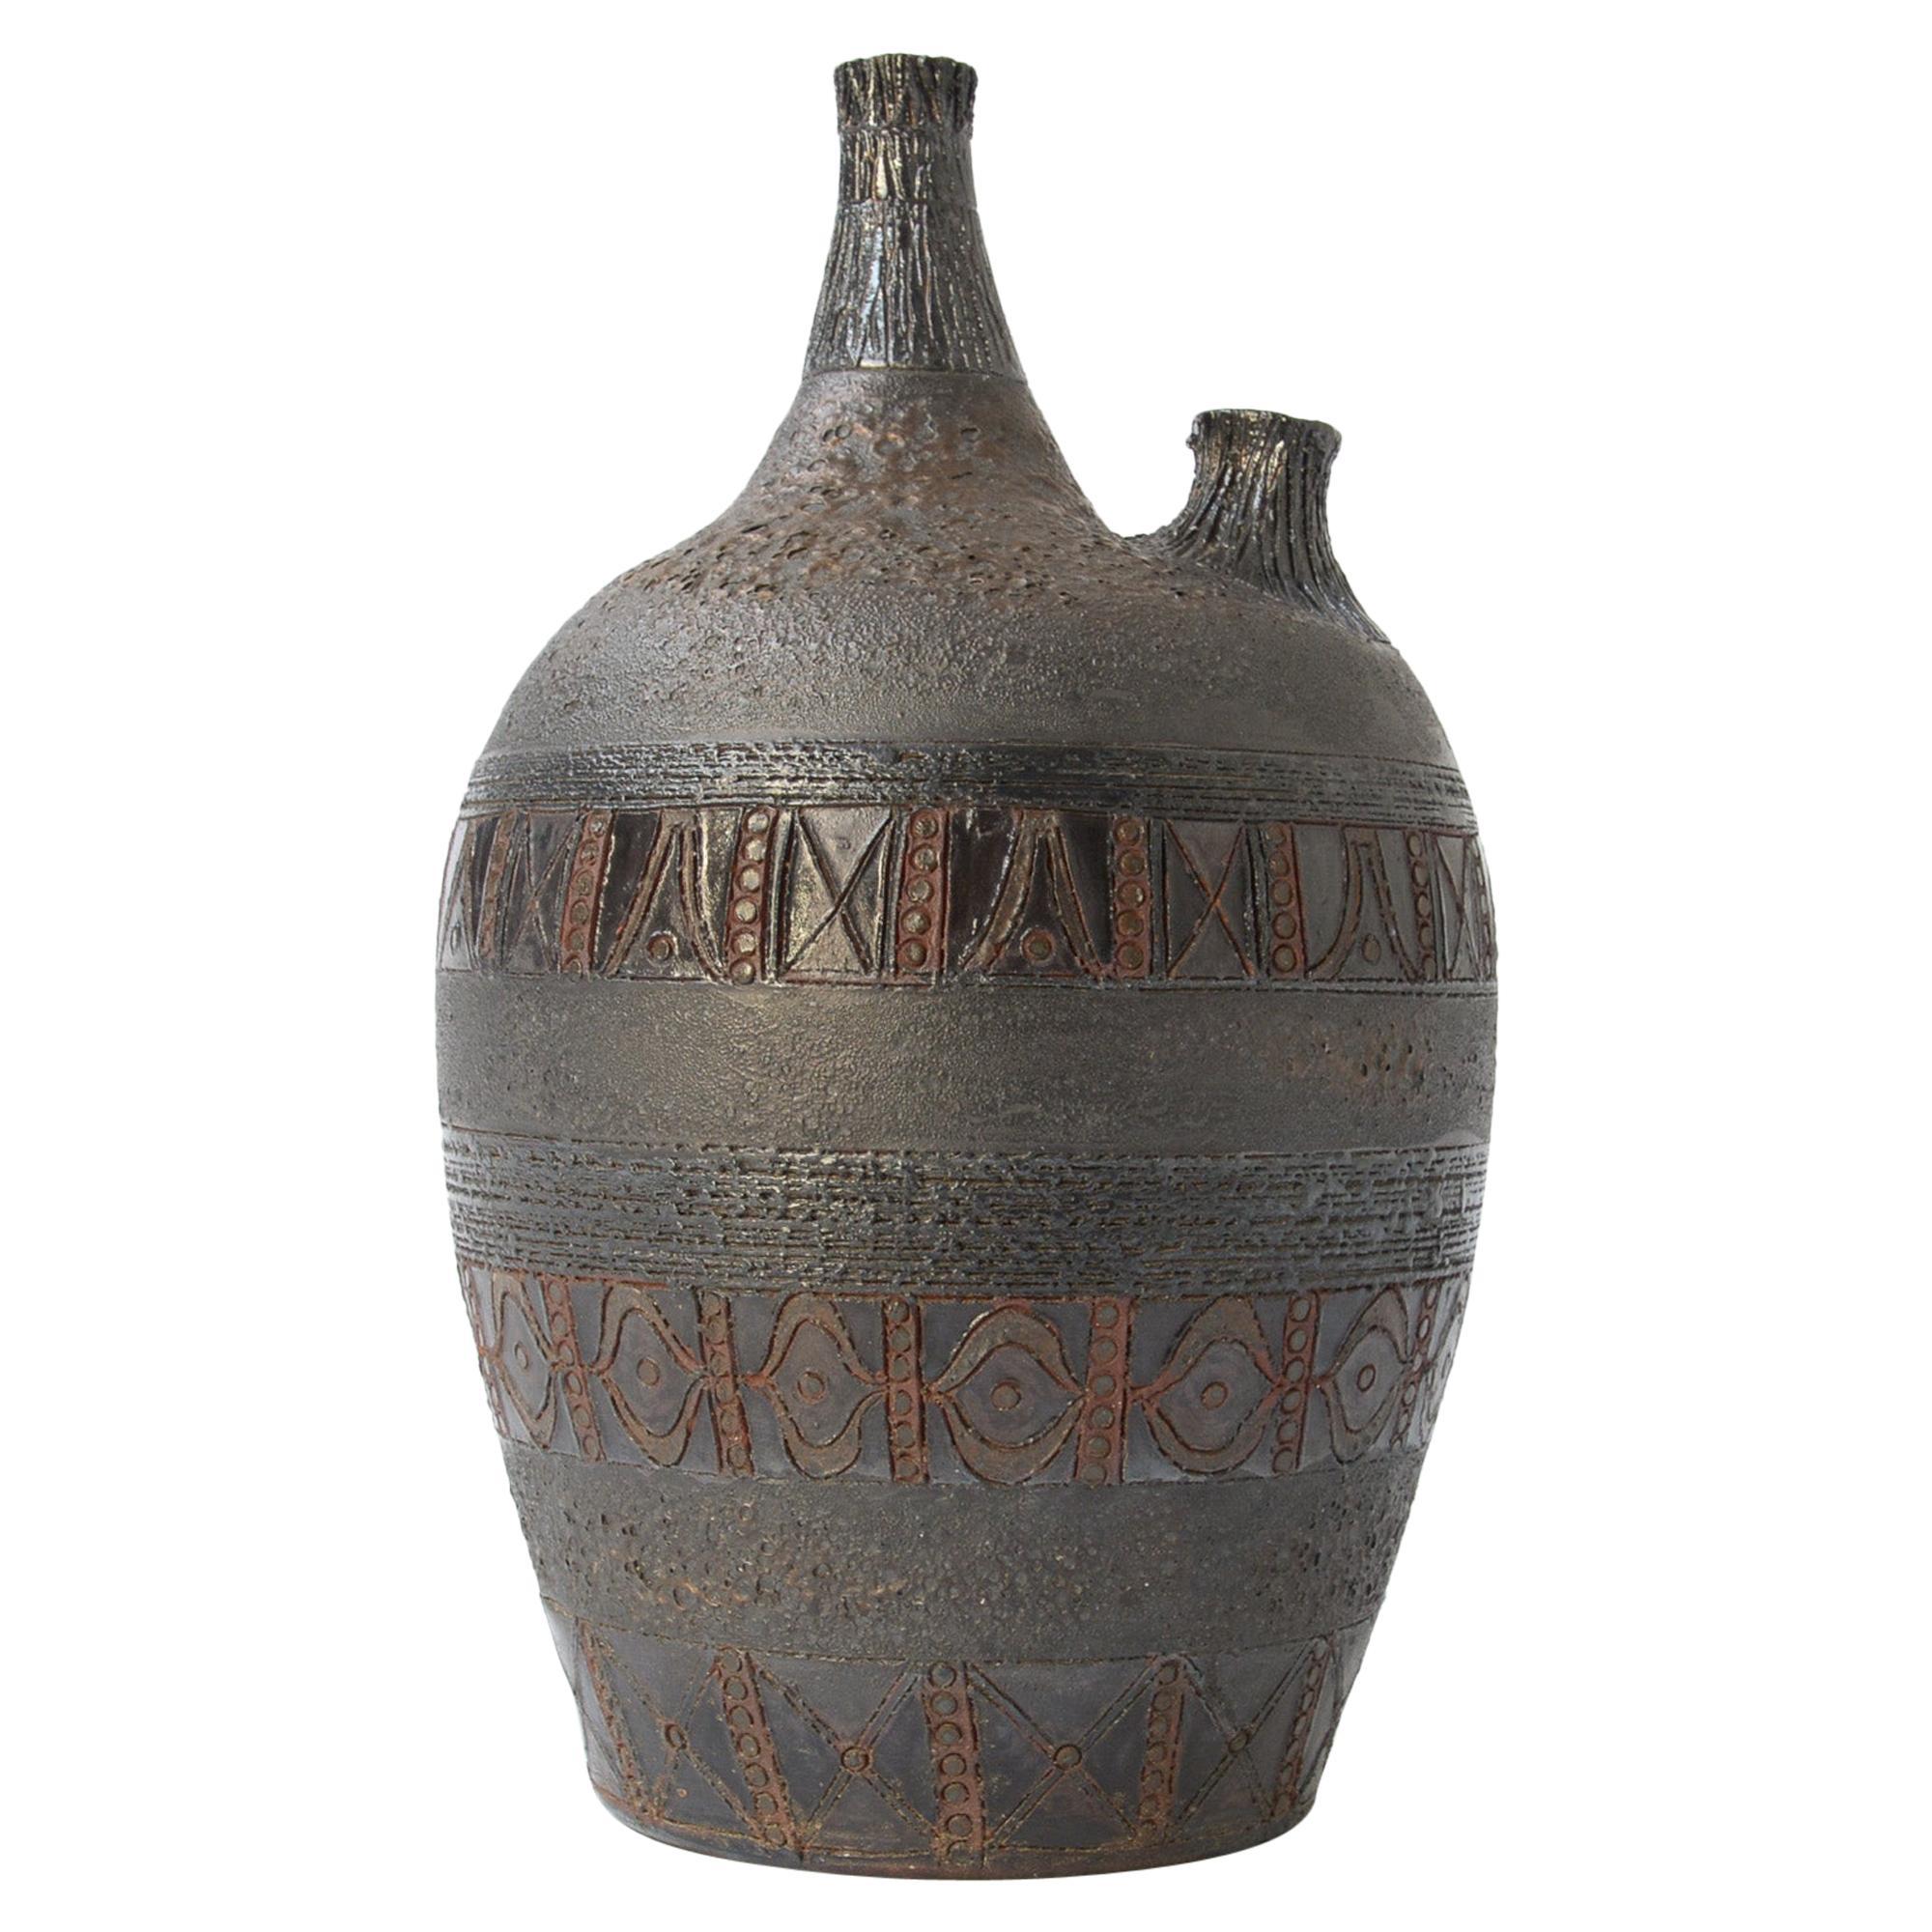 Large Brutalist Double-Spout Amphora Vase